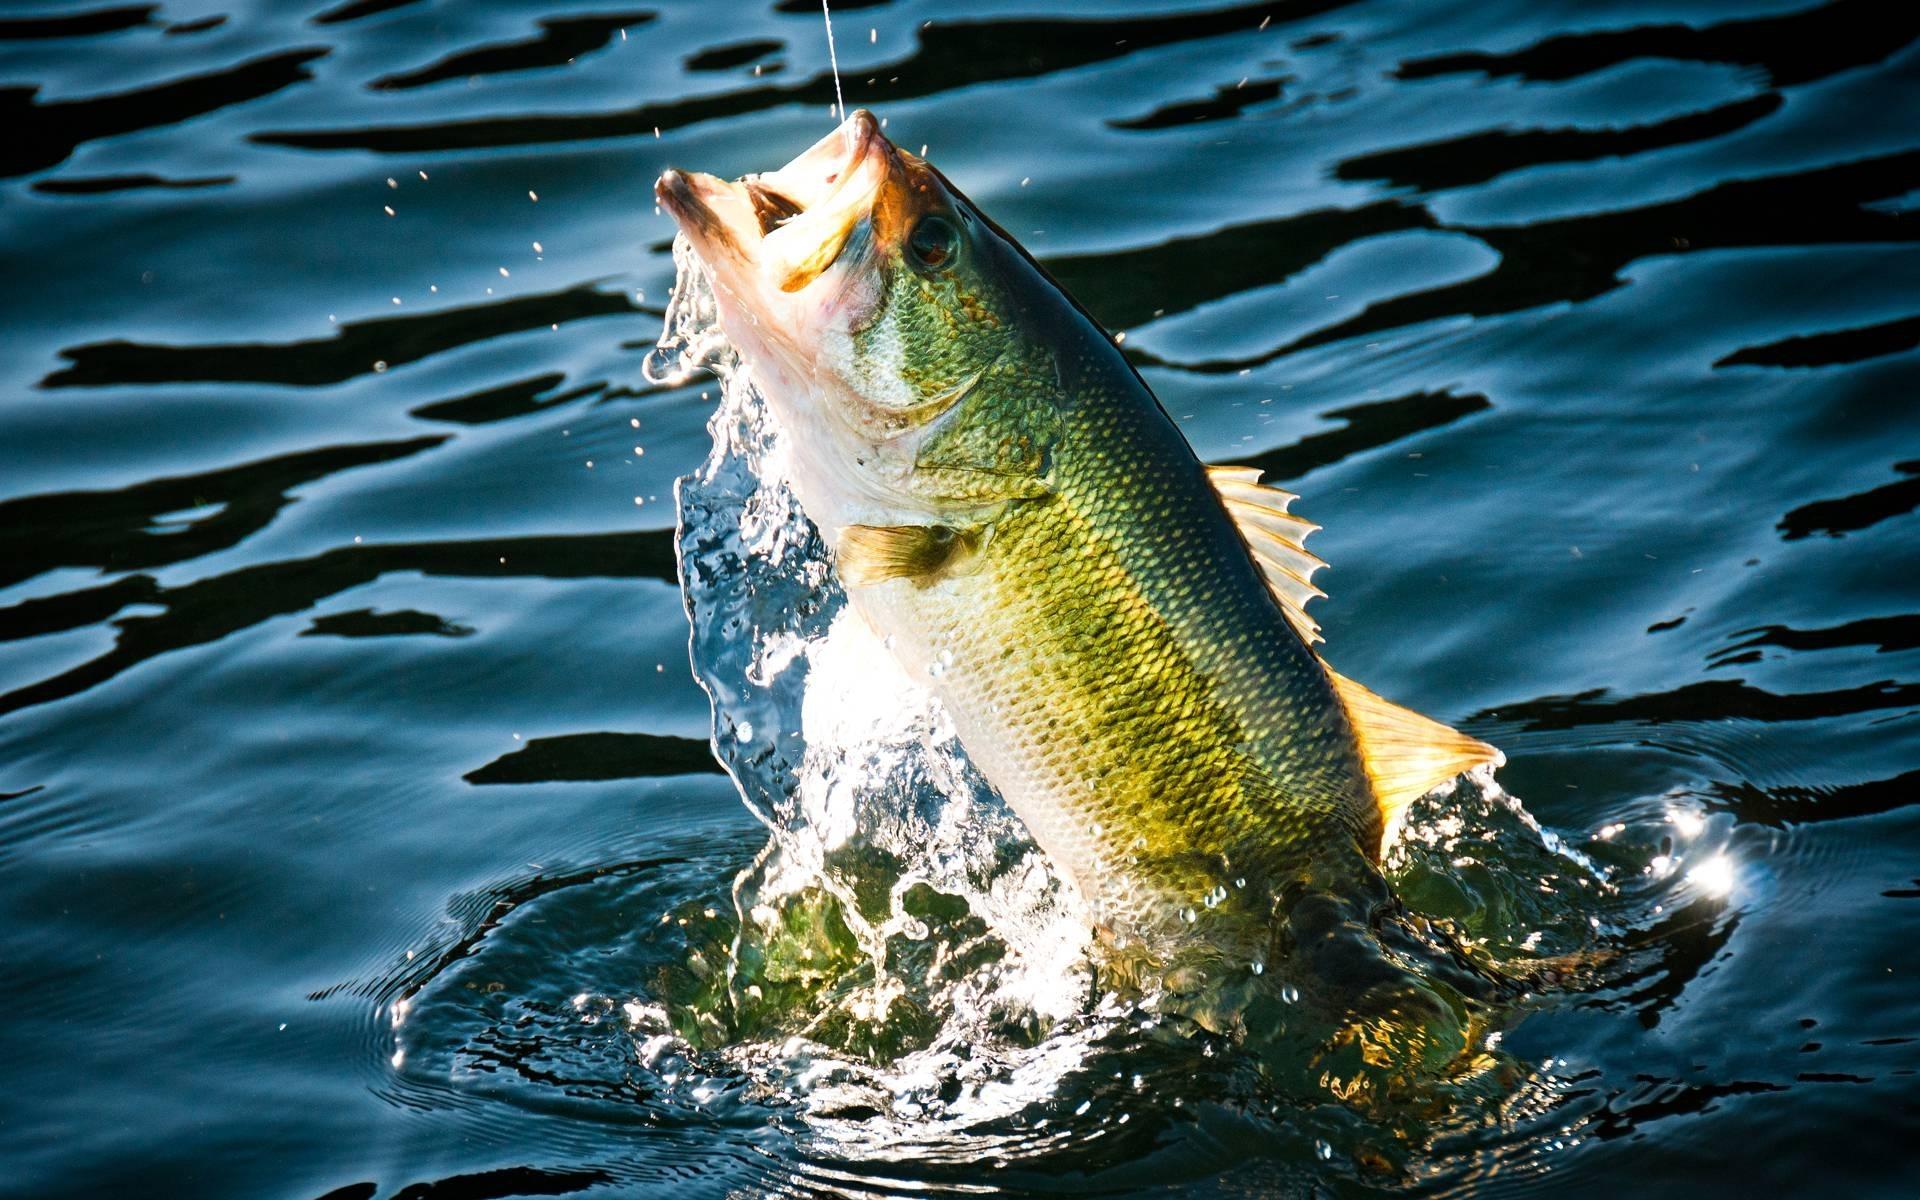 wallpaper.wiki-bass-fishing-wallpaper-widescreen-pic-wpc009880